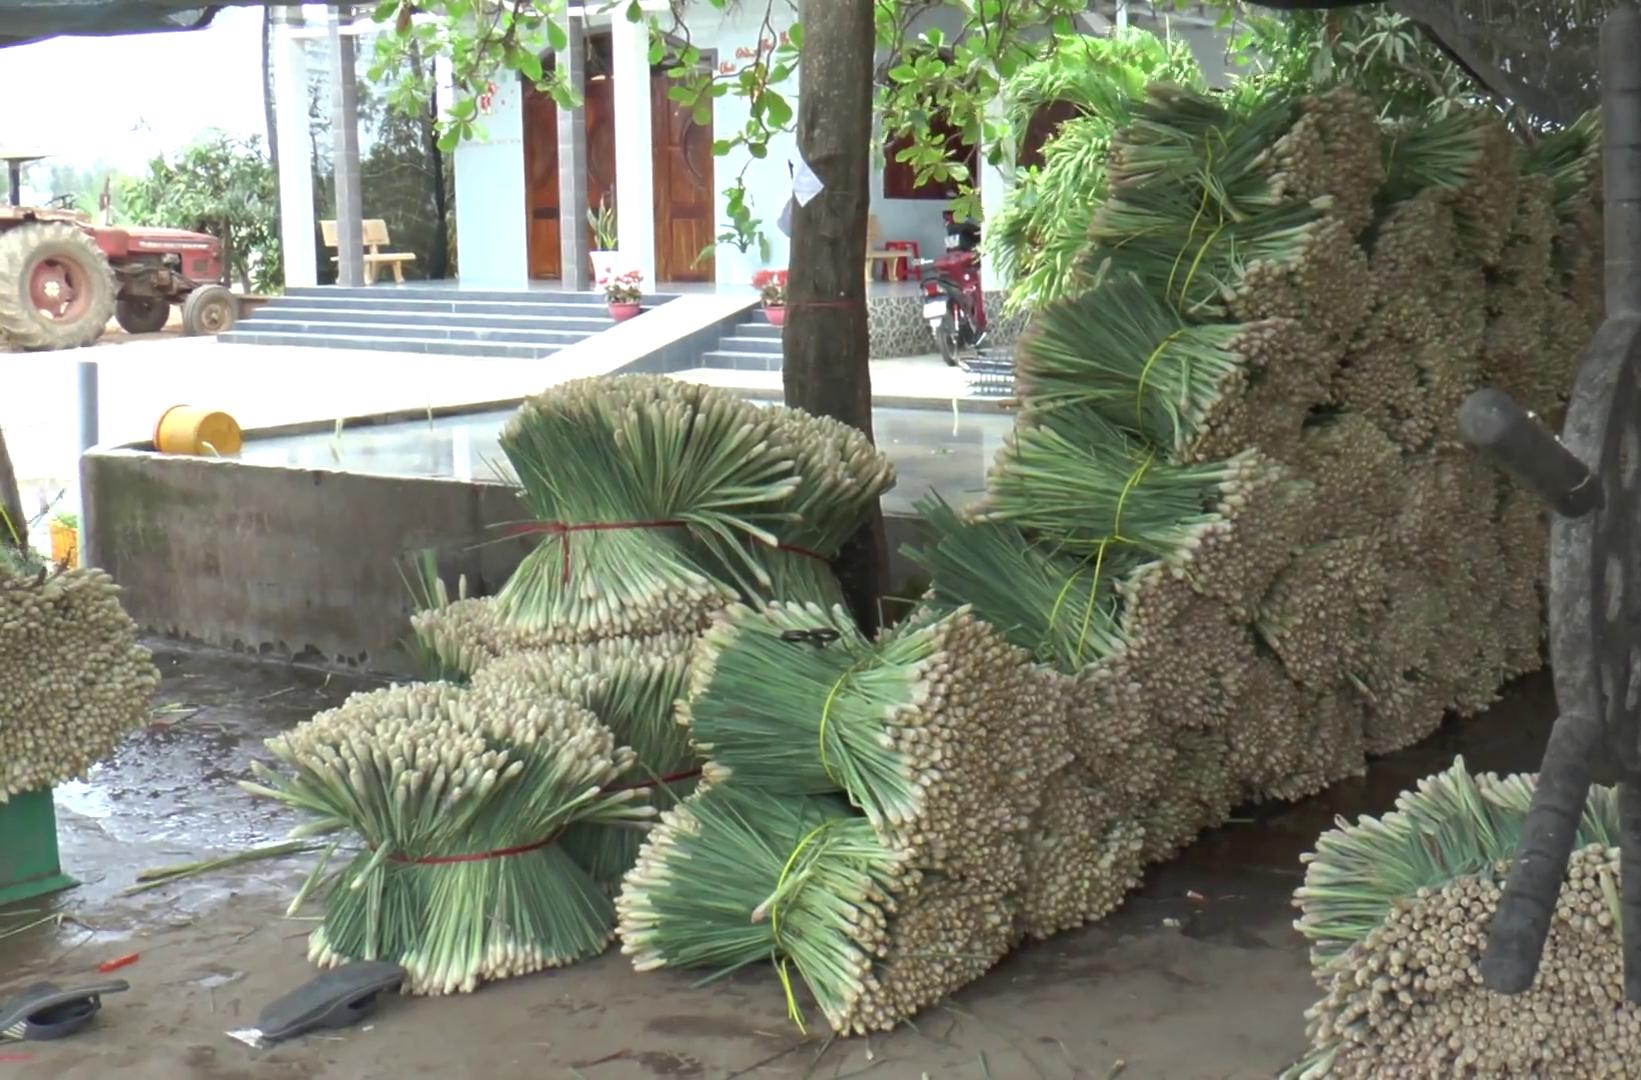 """Tiền Giang: Nhờ trồng cây gia vị này, nông dân huyện đảo nghèo nhất """"thủ phủ trái cây"""" sống phây phây - Ảnh 3."""